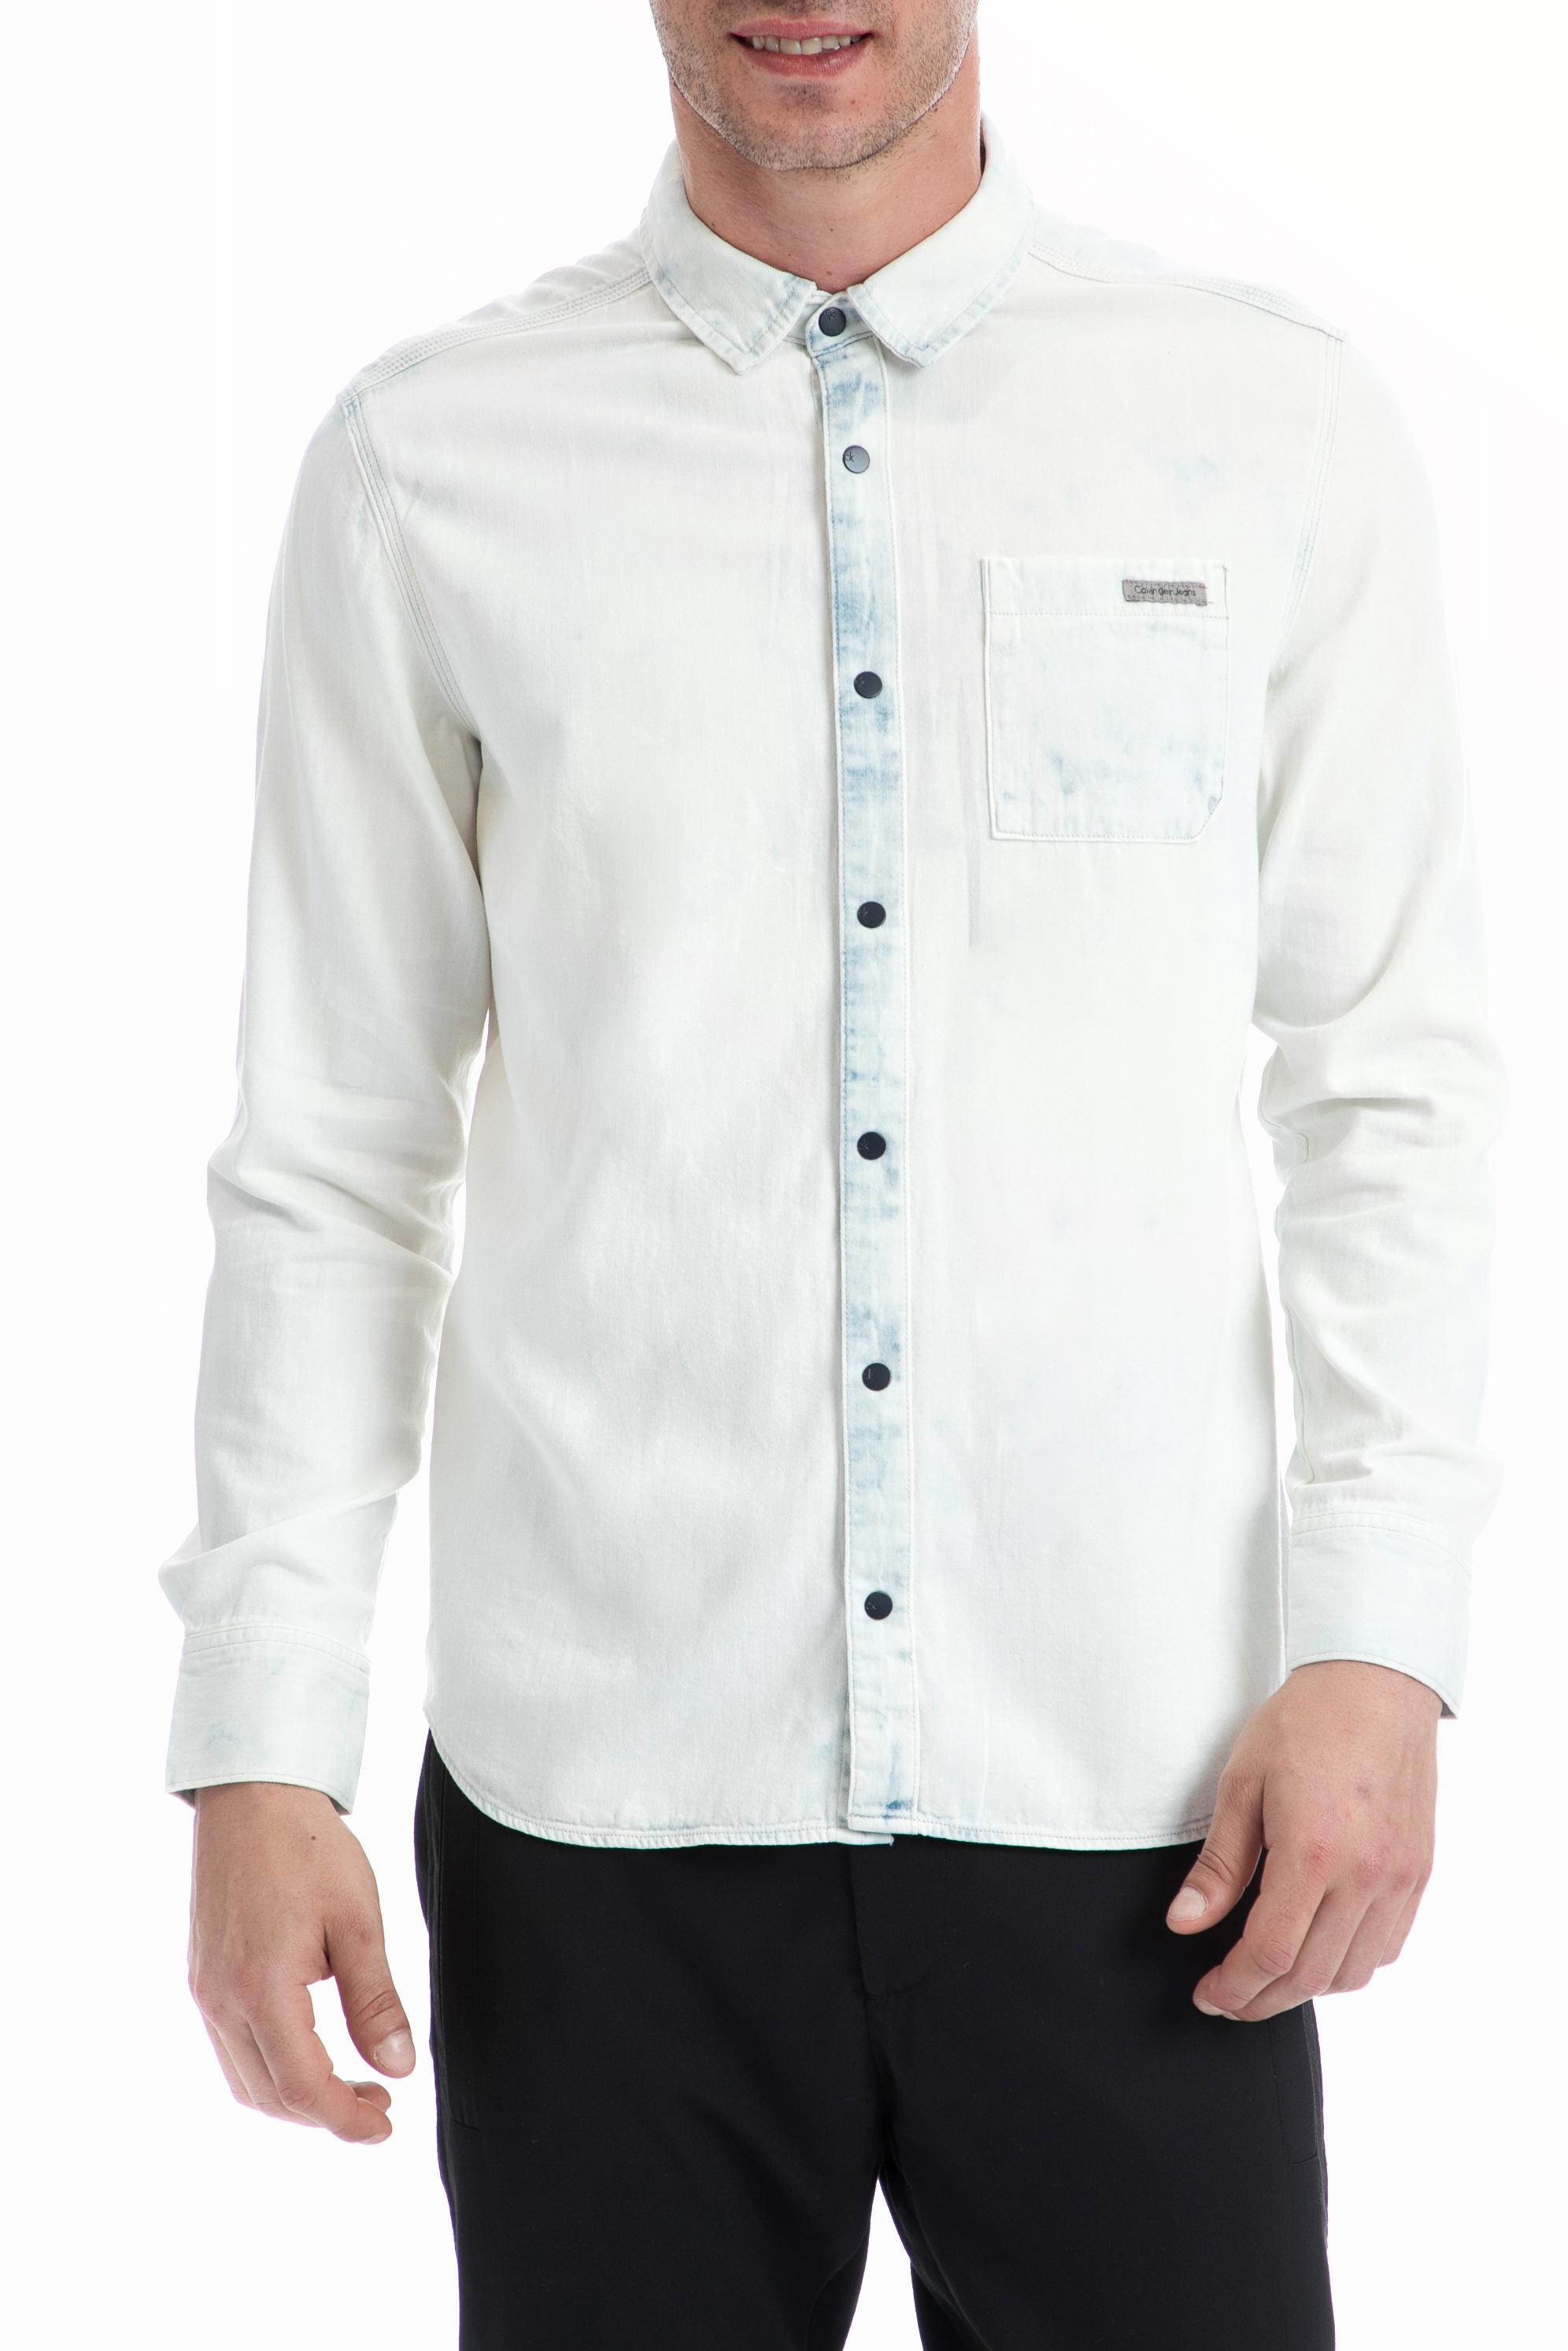 CALVIN KLEIN JEANS - Ανδρικό πουκάμισο CALVIN KLEIN JEANS λευκό ανδρικά ρούχα πουκάμισα μακρυμάνικα